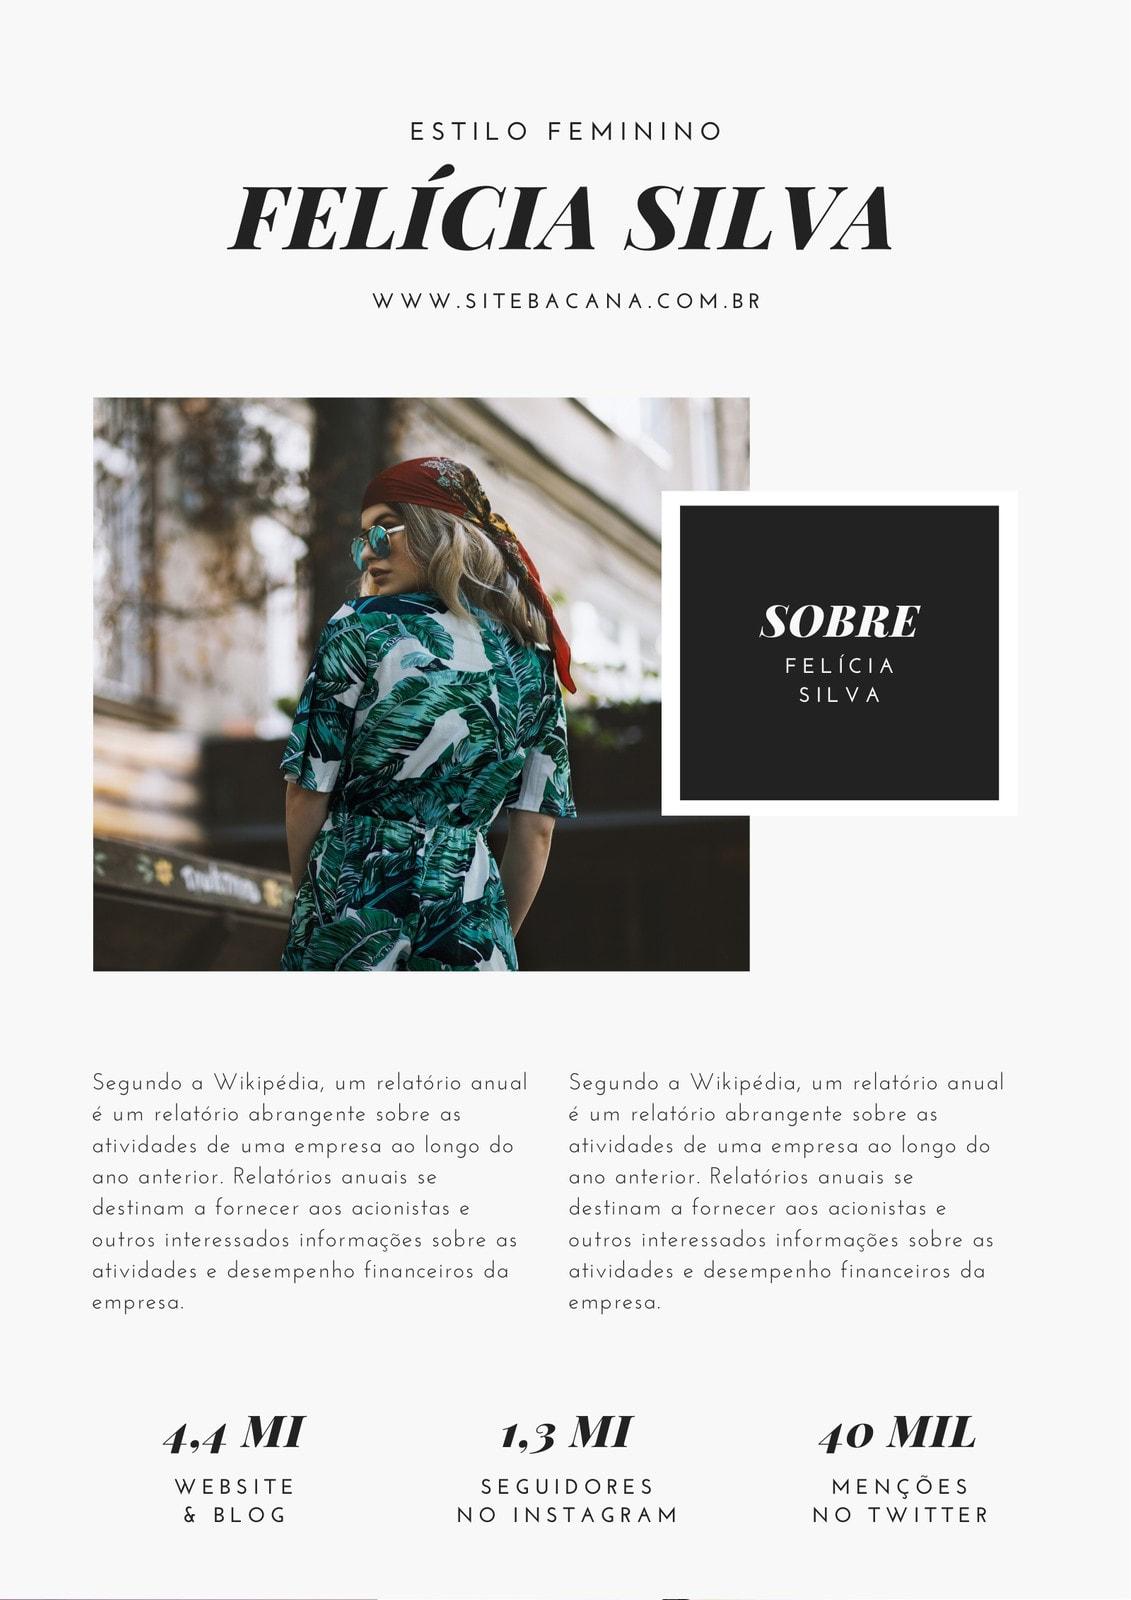 Cinza Claro e Preto Chique Moderno Minimalista Moda Kit de Mídia